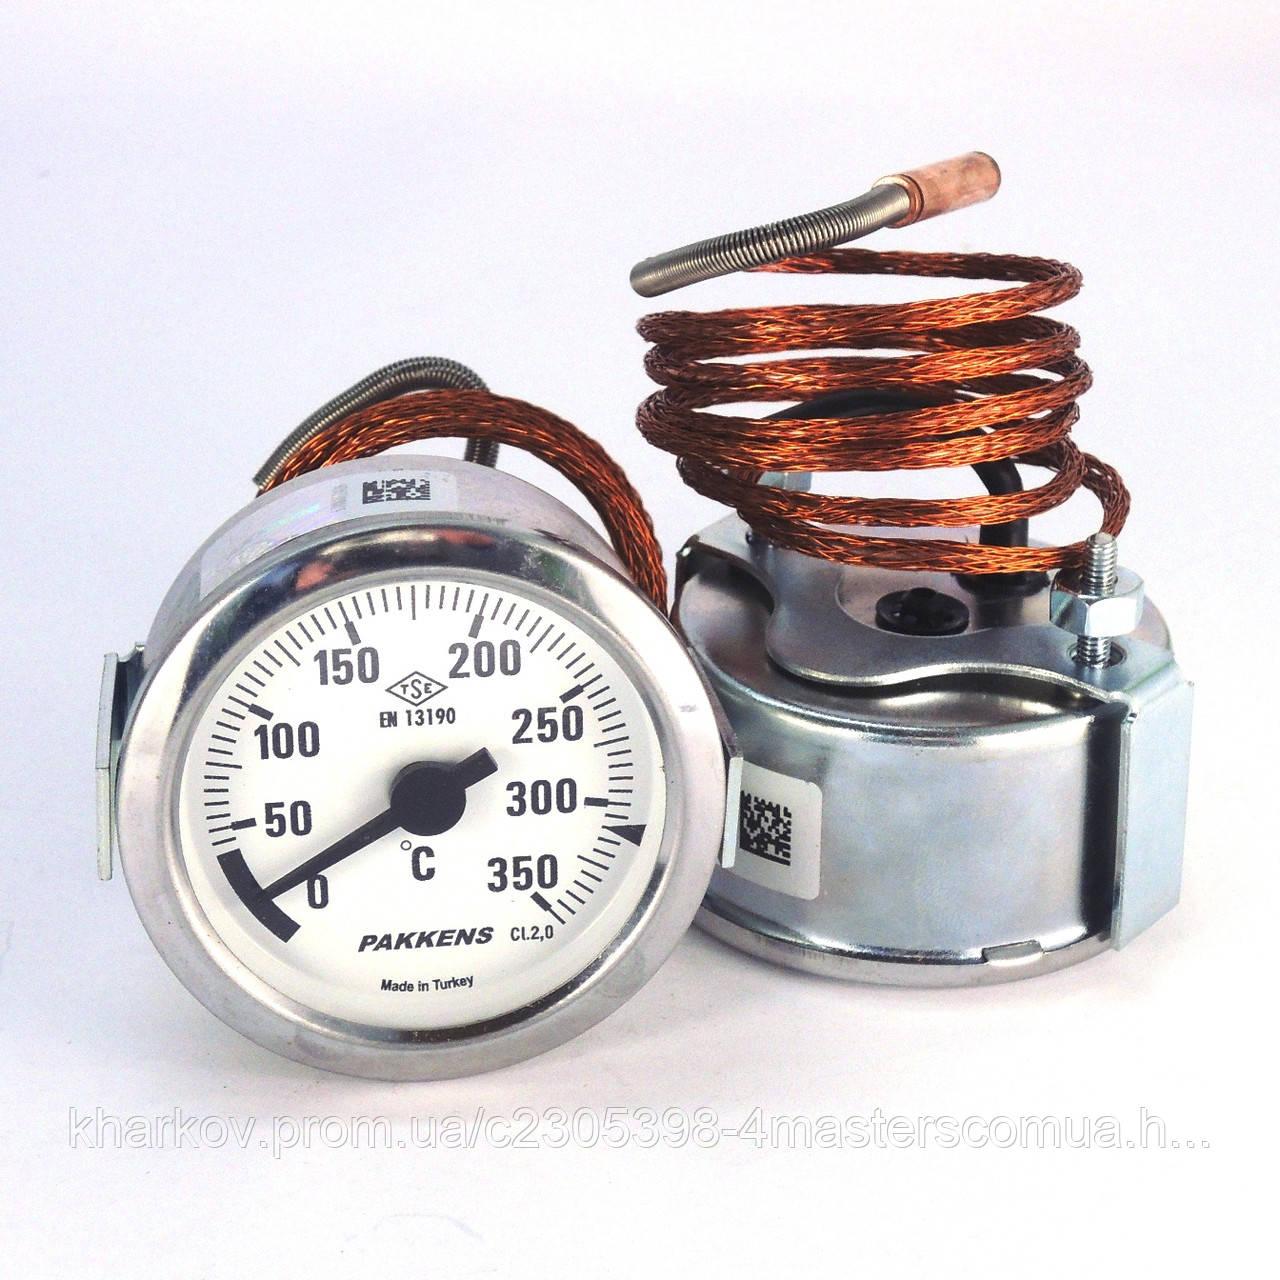 Термометр 0 350°С с выносным датчиком 1 м Ø60, Pakkens Турция